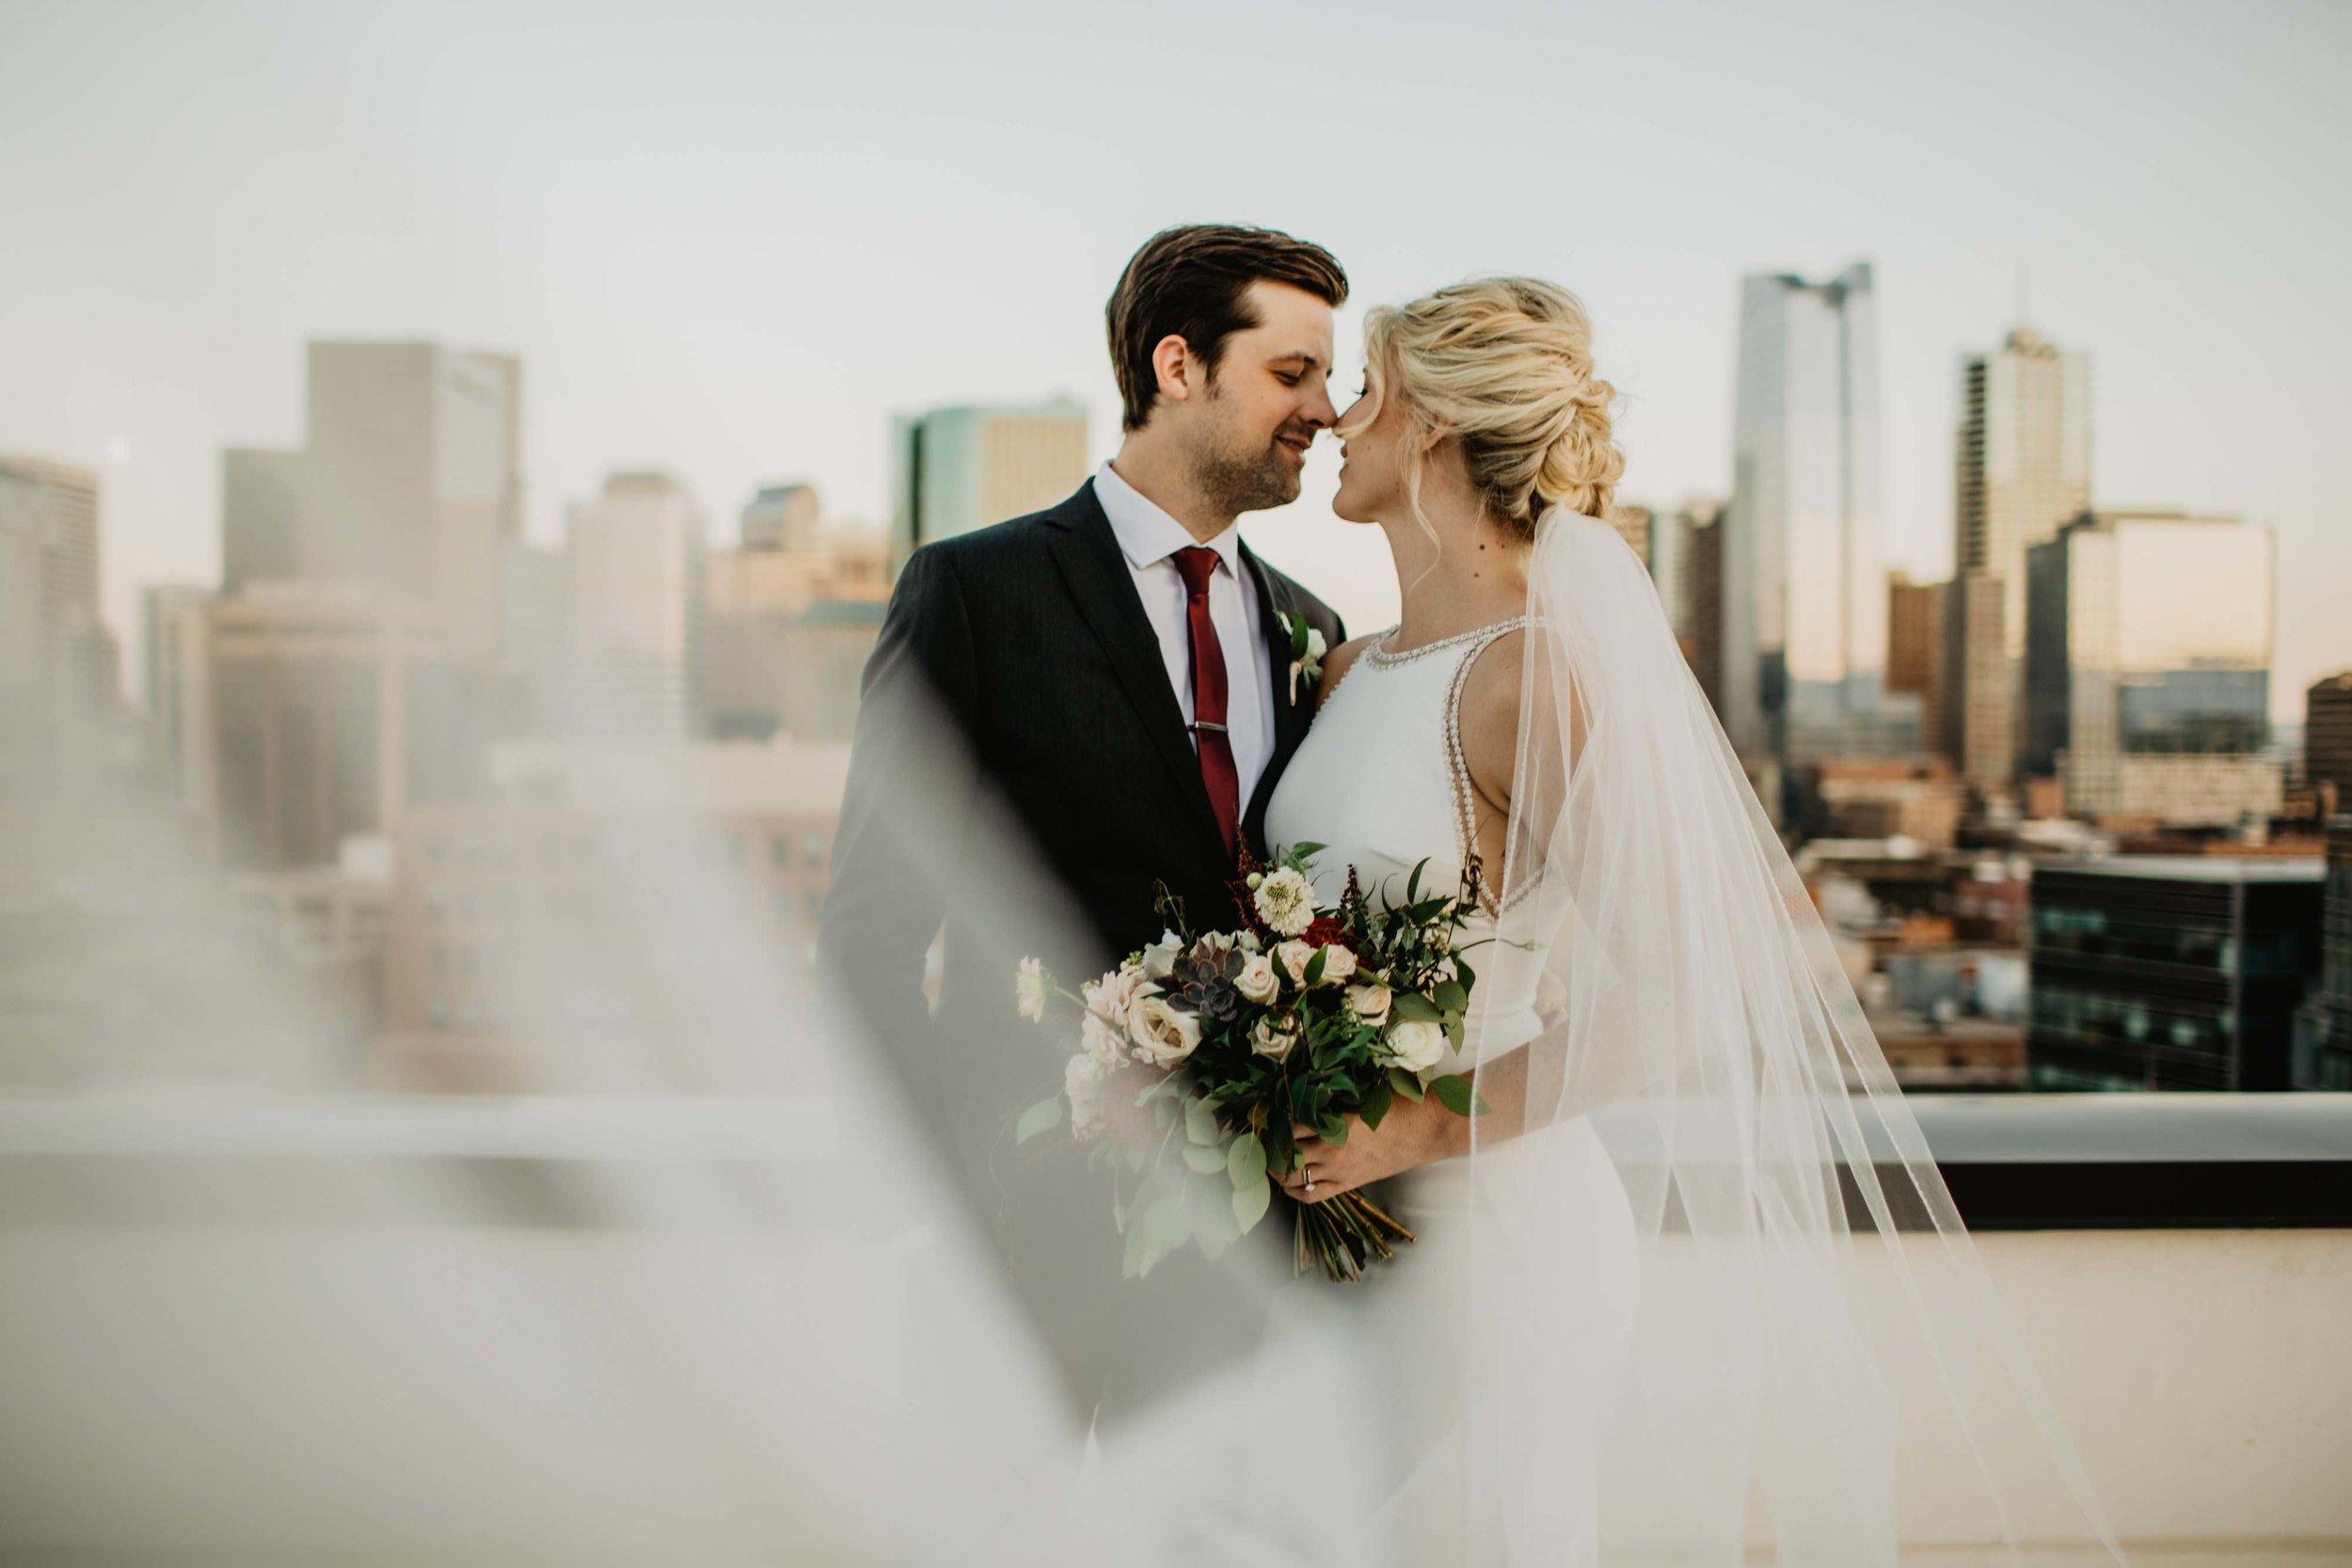 Kisa Conrad Favorites-0054-colorado-wedding-photographer-denver-springs-vail-colorado-wedding-photographer-denver-springs-vail.jpeg